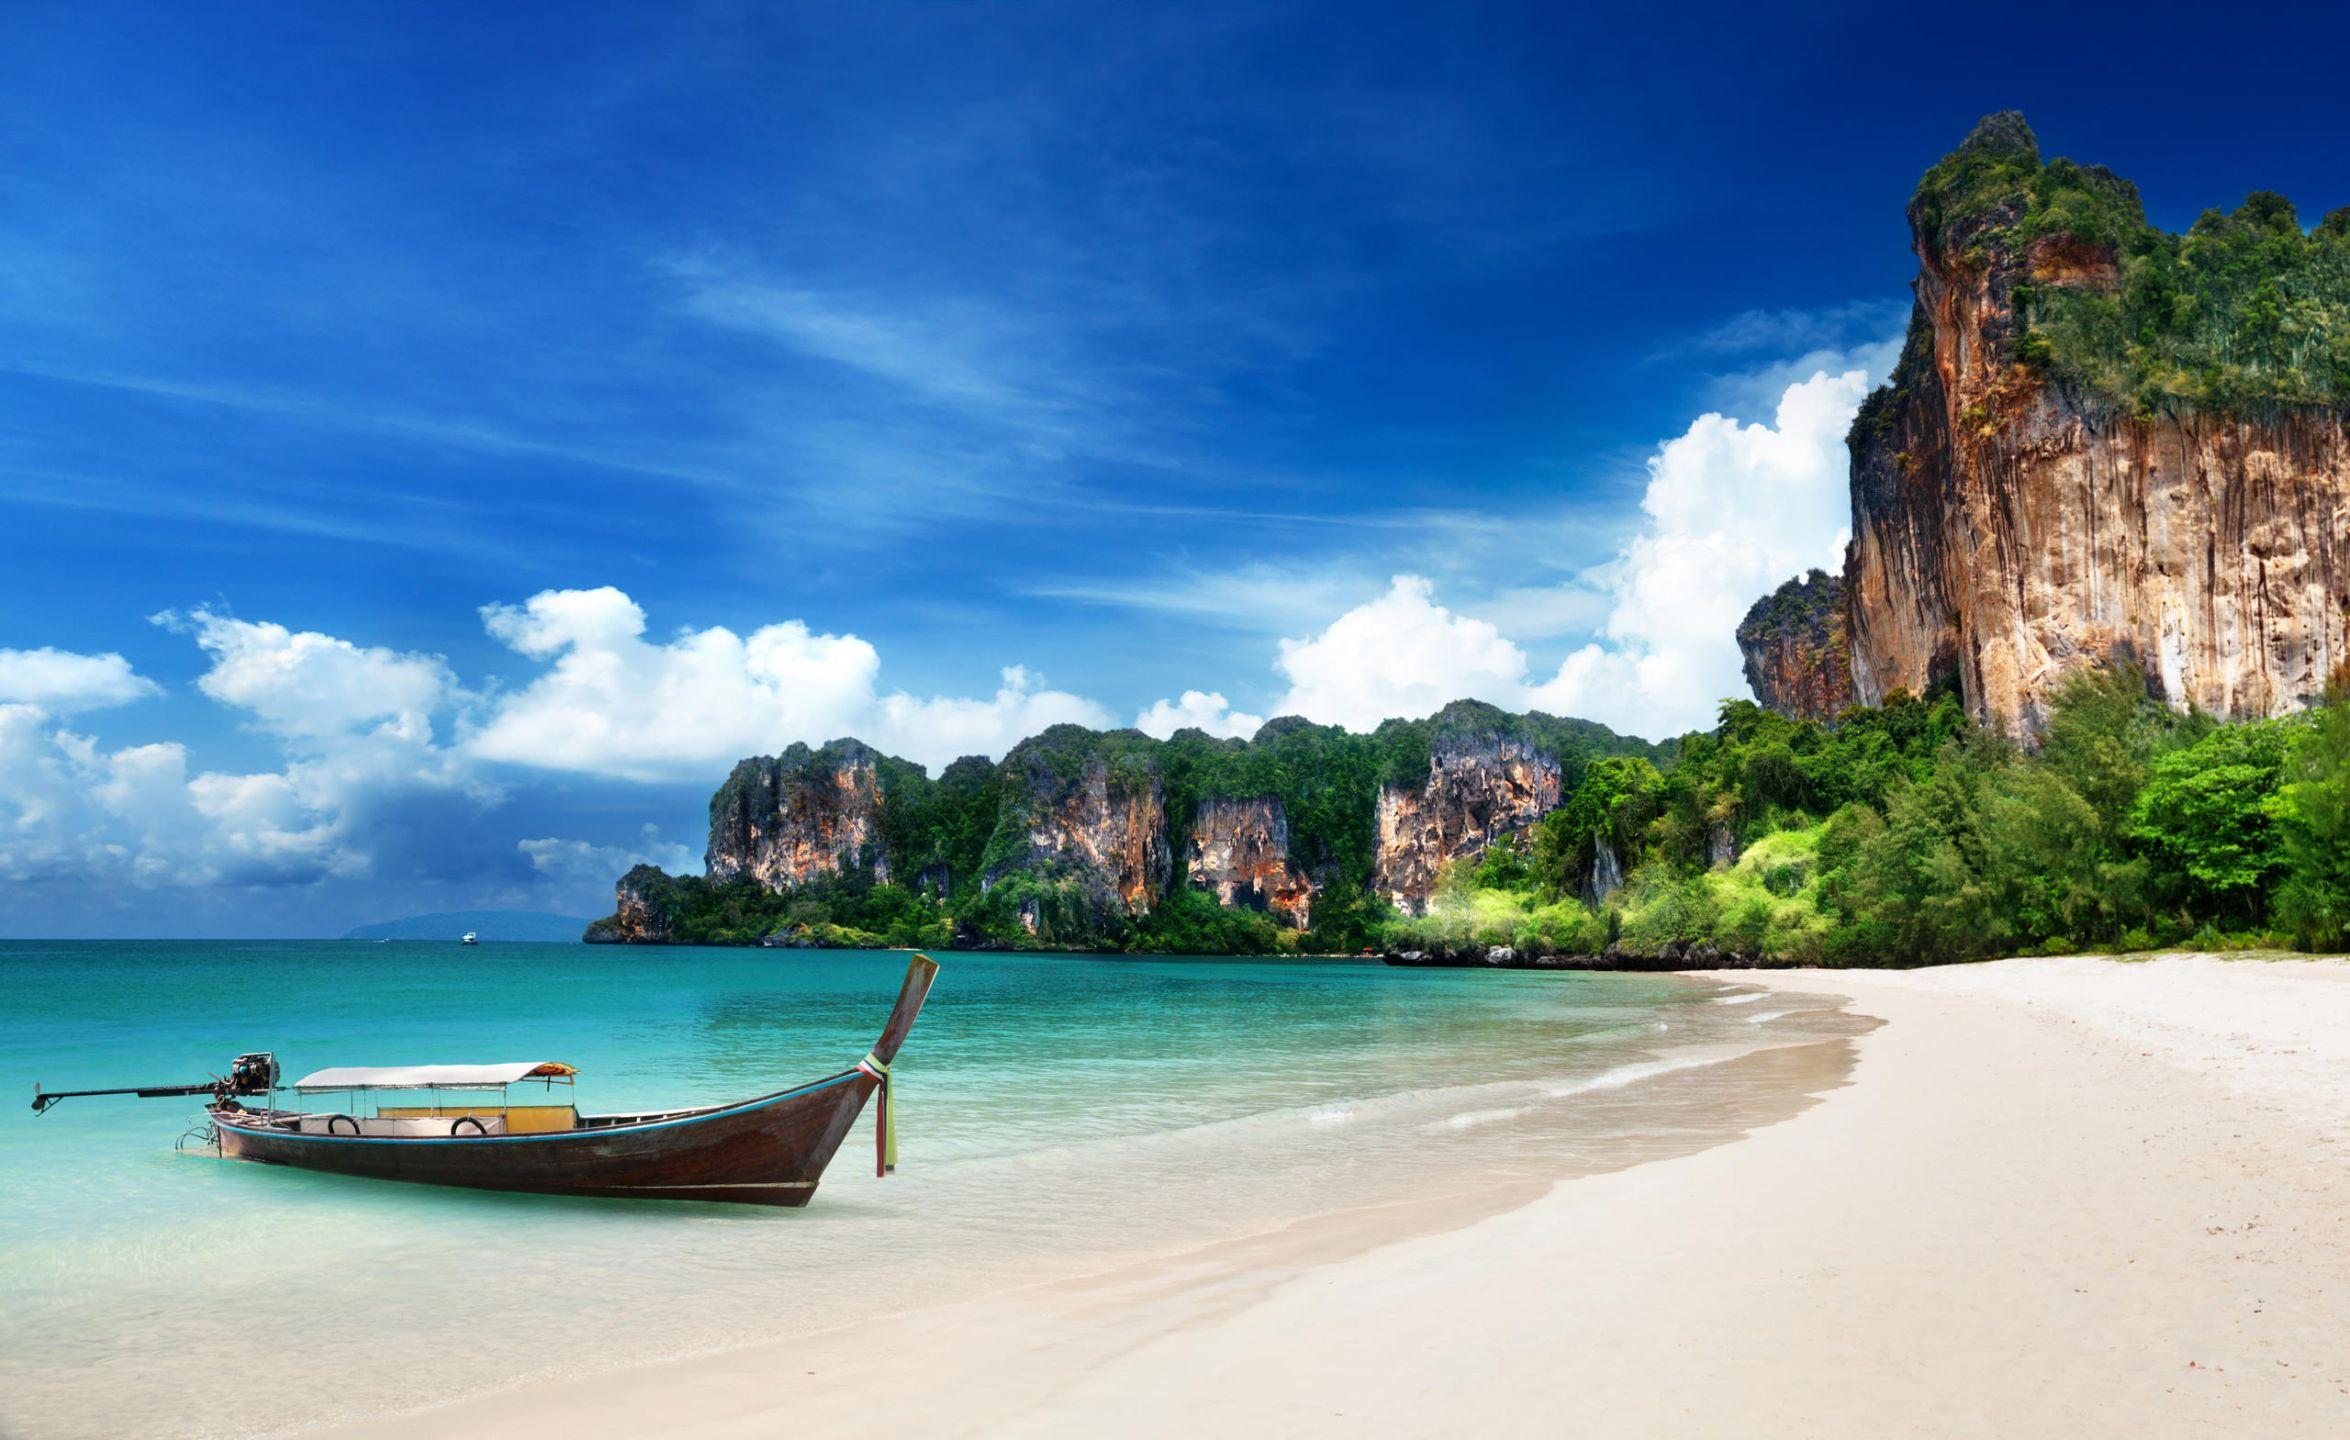 Το Βασίλειο της Ταϊλάνδης είναι μια χώρα στη Νοτιοανατολική Ασία, η οποία συνορεύει με το Λάος και την Καμπότζη στα ανατολικά, τον κόλπο της Ταϊλάνδης και τη Μαλαισία στα νότια, τη θάλασσα Ανταμάν και τη Βιρμανία στα δυτικά. Η Ταϊλάνδη είναι επίσης γνωστή ως Σιάμ. Κο Σαμούι, απόλυτος προορισμός για εξωτική χαλάρωση στην Ταϊλάνδη. Καταπράσινα νησιά, λευκές παραλίες, πεντακάθαρα νερά και όλες οι σύγχρονες ανέσεις σε έναν εξωτικό προορισμό. Ετοιμαστείτε για ατέλειωτη ηρεμία και ομορφιά.